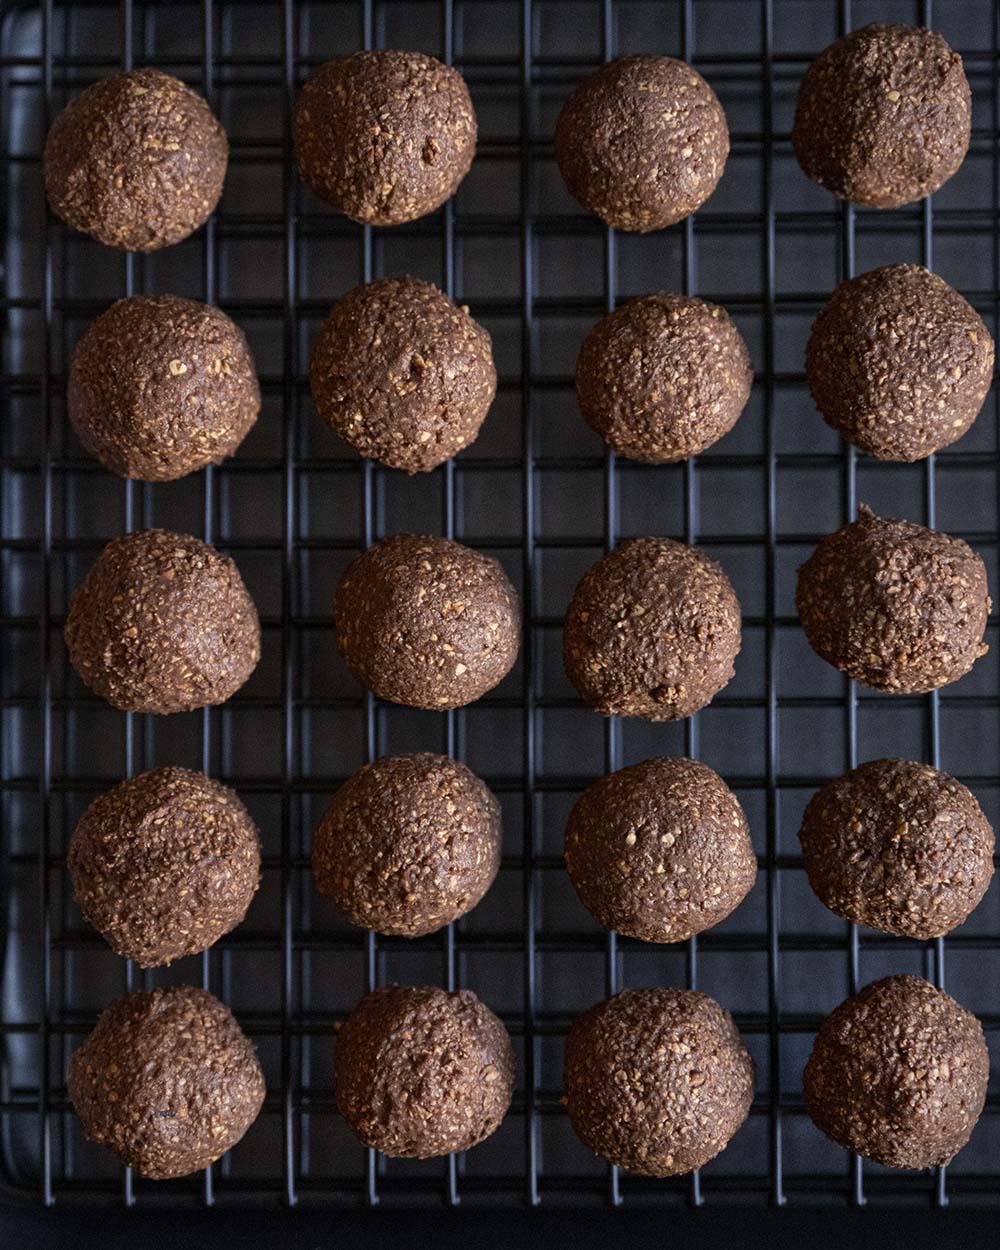 Unsere Schoko-Kugeln vor der Glasur mit Schokolade, fotografiert von oben.